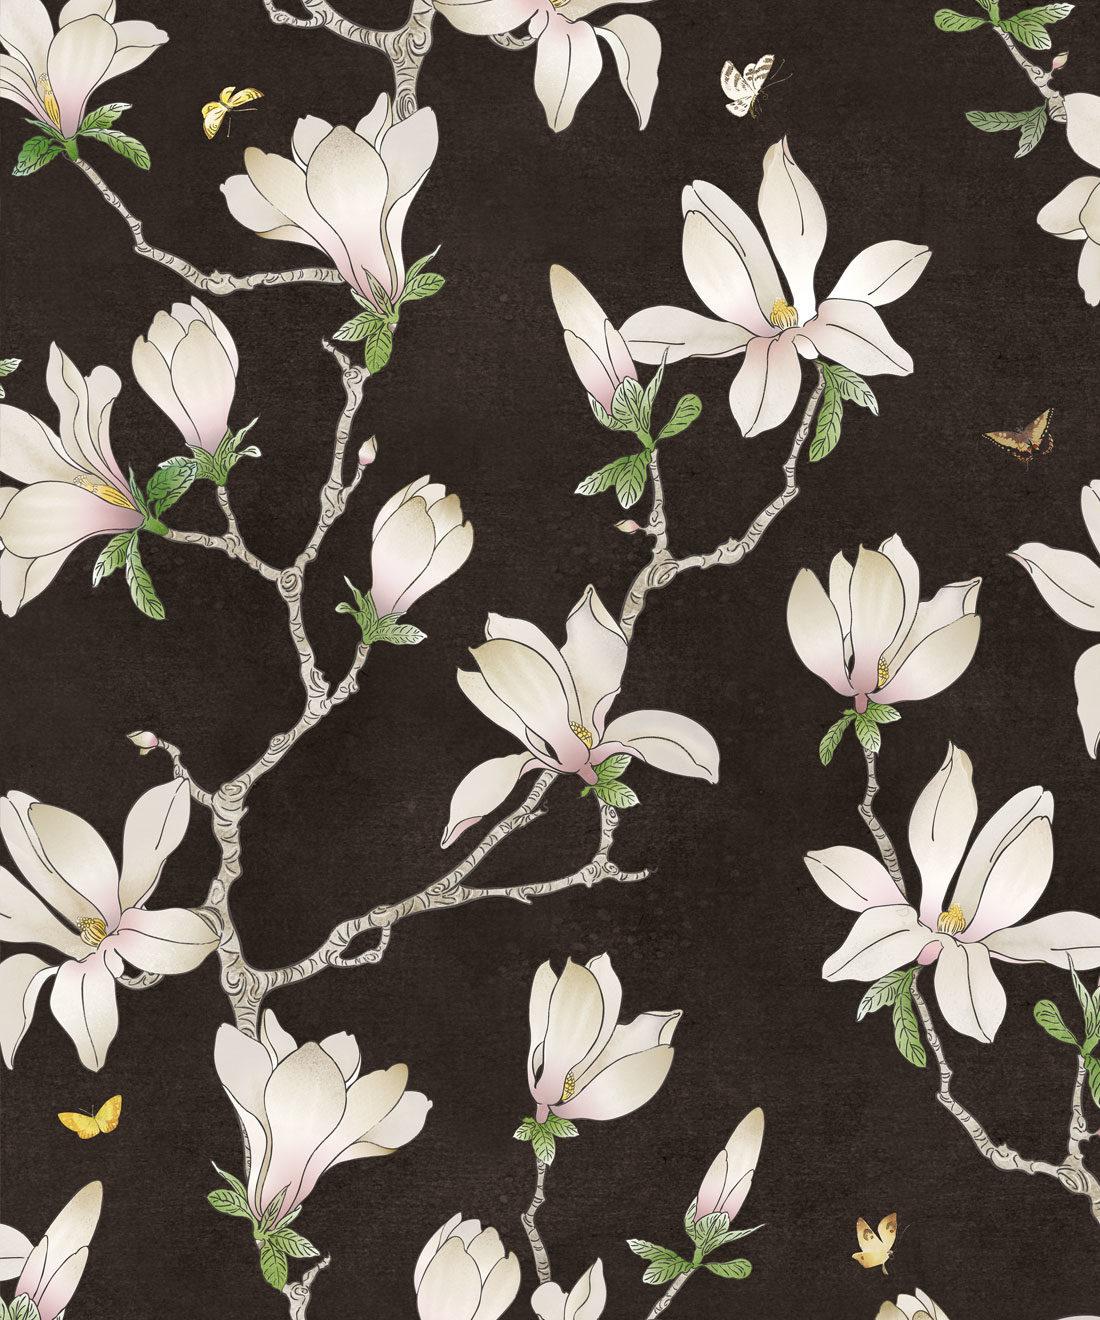 Floral Magnolia Wallpaper, Large Floral ...